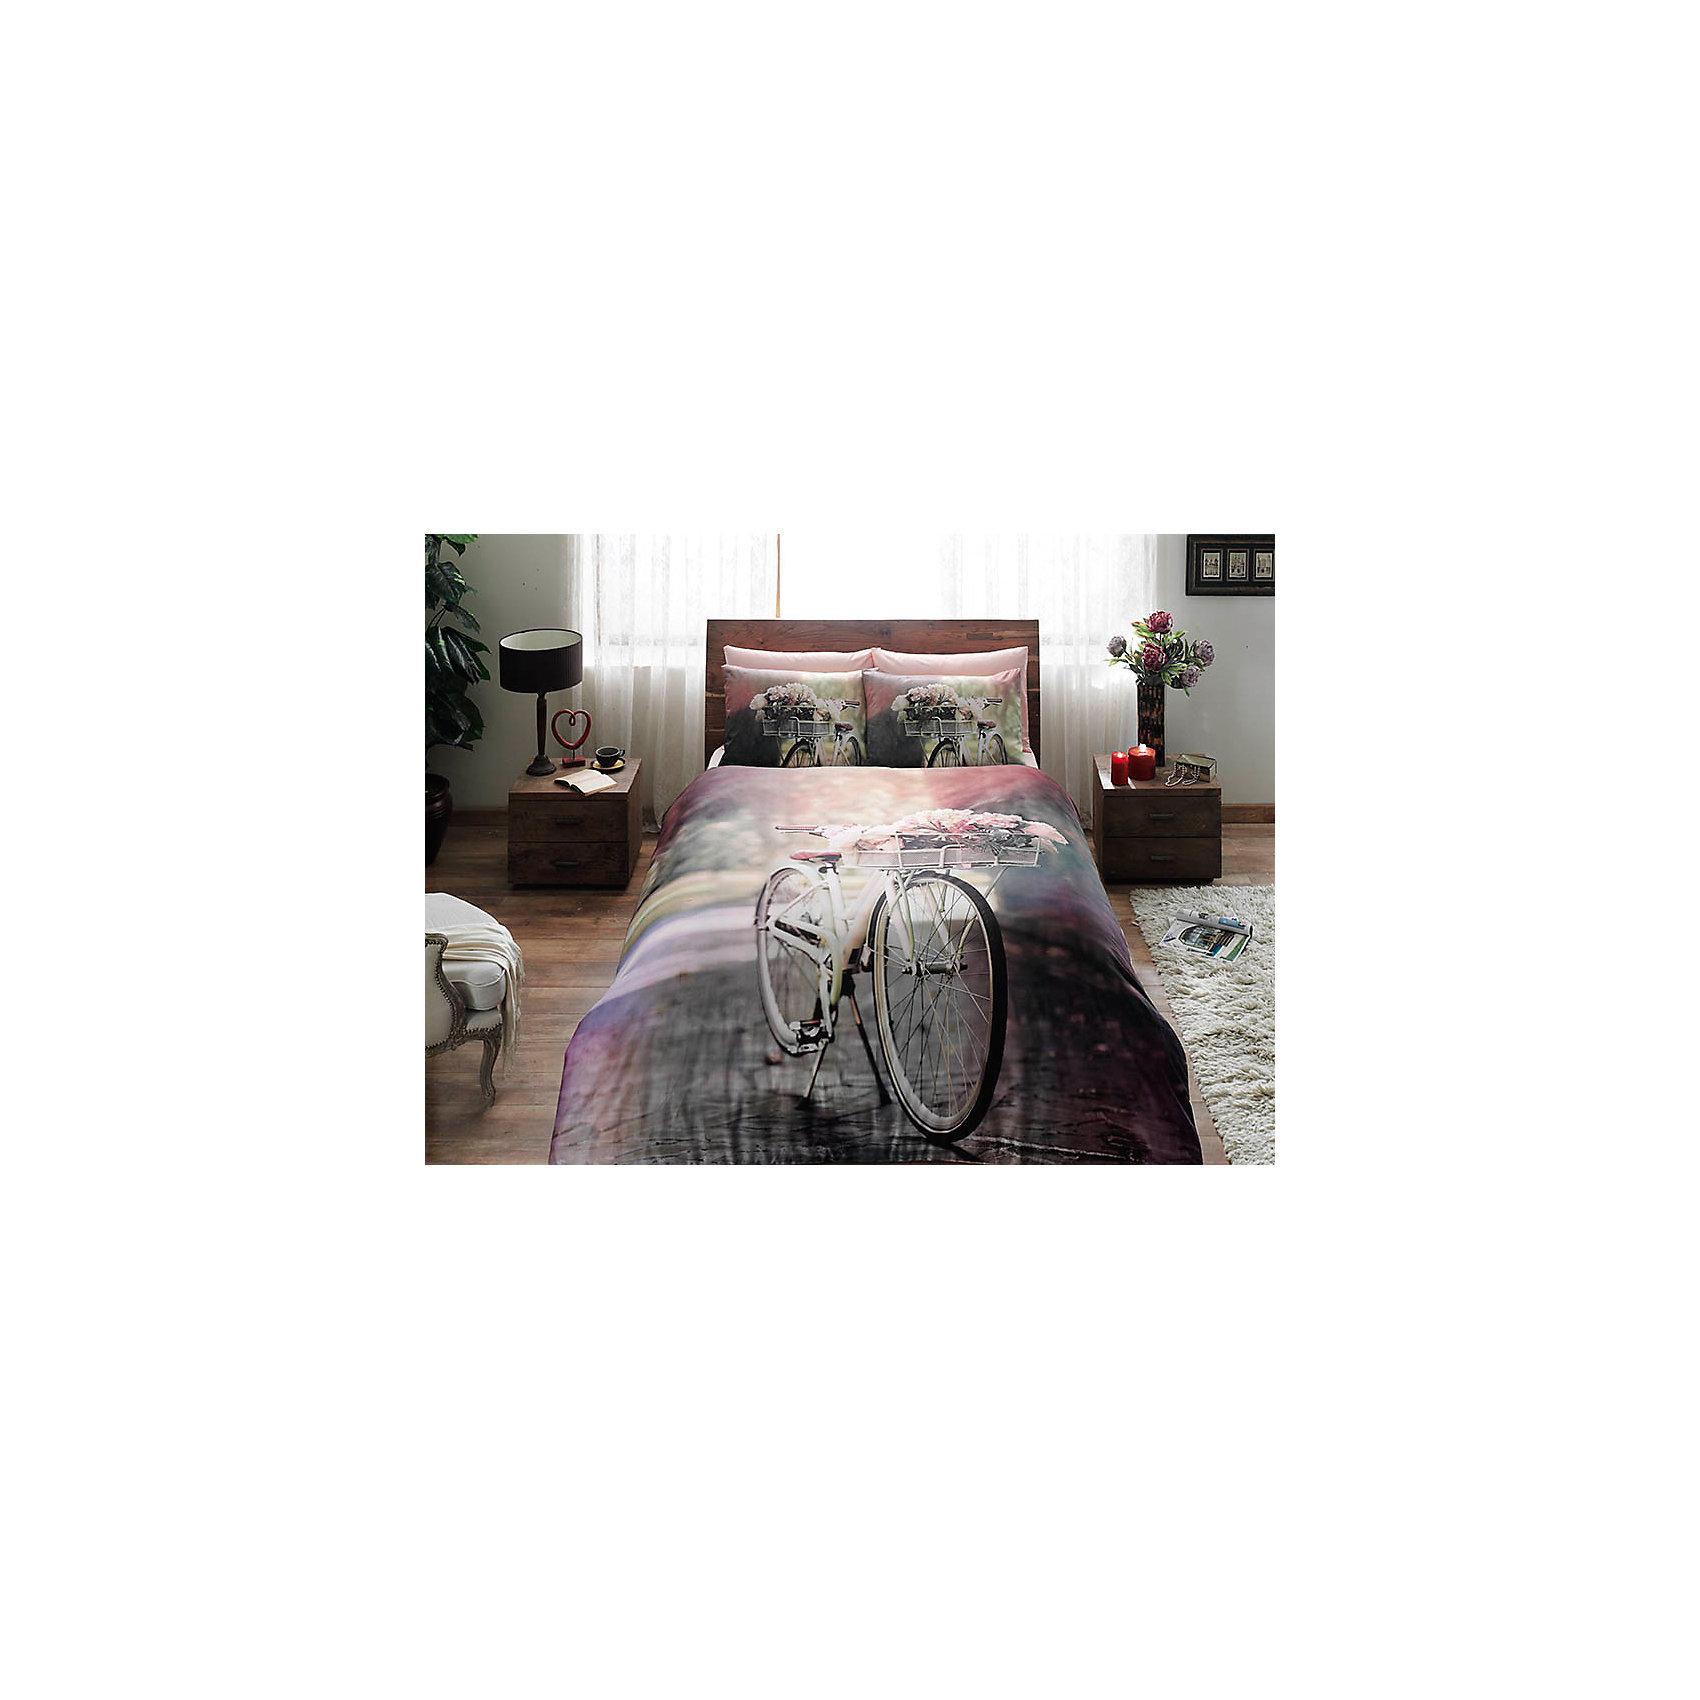 Постельное белье 1,5сп. Sunshine, сатин, TAC, розовыйДомашний текстиль<br>Характеристики:<br><br>• Вид домашнего текстиля: постельное белье<br>• Тип постельного белья по размерам: 1,5 спальное<br>• Рисунок: велосипедная прогулка<br>• Сезон: круглый год<br>• Материал: сатин, 100% хлопок <br>• Цвет: оттенки розового, серый, зеленый<br>• Комплектация: <br> пододеяльник – 1 шт. 160*220 см <br> простынь – 1 шт. 180*260 см<br> наволочки – 1 шт. 50*70 см<br>• Вид застежки: пуговицы<br>• Тип упаковки: книжка картонная<br>• Вес в упаковке: 2 кг 200 г<br>• Размеры упаковки (Д*Ш*В): 27*7*37 см<br>• Особенности ухода: машинная стирка <br><br>Постельное белье 1,5 сп. Sunshine, сатин, TAC, розовый от наиболее популярного бренда на отечественном рынке среди производителей комплектов постельного белья и текстильных принадлежностей, выпуском которого занимается производственная компания, являющаяся частью мирового холдинга Zorlu Holding Textiles Group. <br><br>Комплект состоит из 3-х предметов и включает в себя: пододеяльник, простынь и две наволочки. Все изделия выполнены из хлопкового сатина, который характеризуется высокими износоустойчивыми качествами, не теряет формы и цвета при длительном использовании, после стирки изделия полностью расправляются и сохраняют ровность полотна, поэтому они не нуждаются в глажке. <br><br>Специальным образом скрученная нить, из которой изготовлено сатиновое полотно, обеспечивает характерный блеск и защиту от образования катышков. Обладает повышенными гигроскопичными качествами, благодаря чему оно комфортно для использования в любое время года. Постельное белье выполнено в стильном дизайне: сюжетный принт, изображающий велосипедную прогулку придает комплекту особую оригинальность. <br><br>Постельное белье 1,5 сп. Sunshine, сатин, TAC, розовый можно купить в нашем интернет-магазине.<br><br>Ширина мм: 270<br>Глубина мм: 70<br>Высота мм: 370<br>Вес г: 2200<br>Возраст от месяцев: 36<br>Возраст до месяцев: 1188<br>Пол: Унисекс<br>Возраст: Детский<br>SK